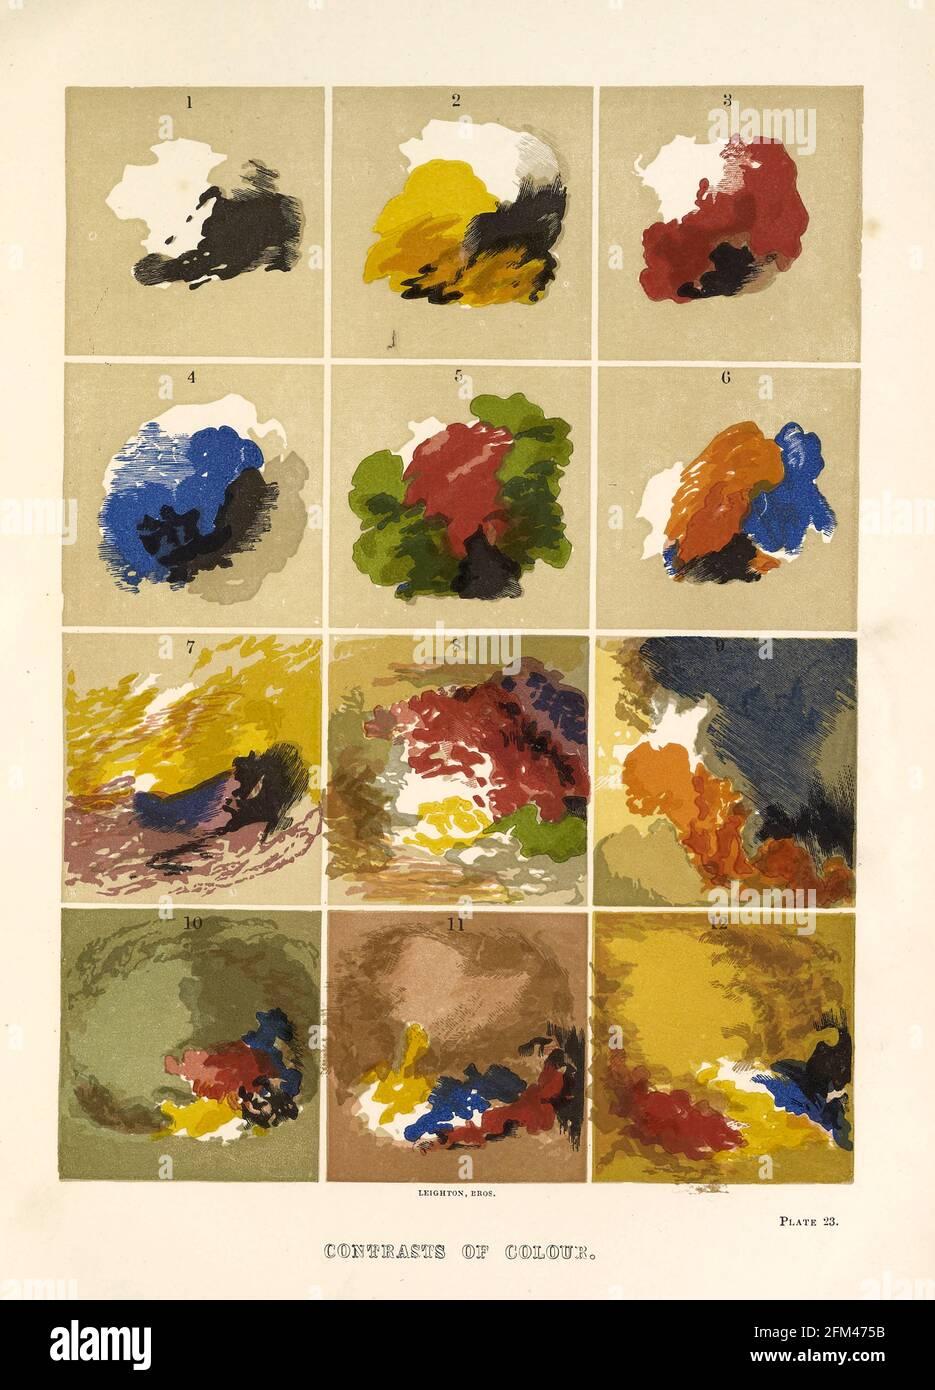 Contrastes de colores del libro La teoría y la práctica de la pintura de paisajes en colores de agua ilustrada por una serie de veintiséis dibujos y diagramas en colores y numerosos cortes de madera por Barnard, George, 1807-1890 Publicado en 1885 por George Routledge e Hijos Londres Foto de stock